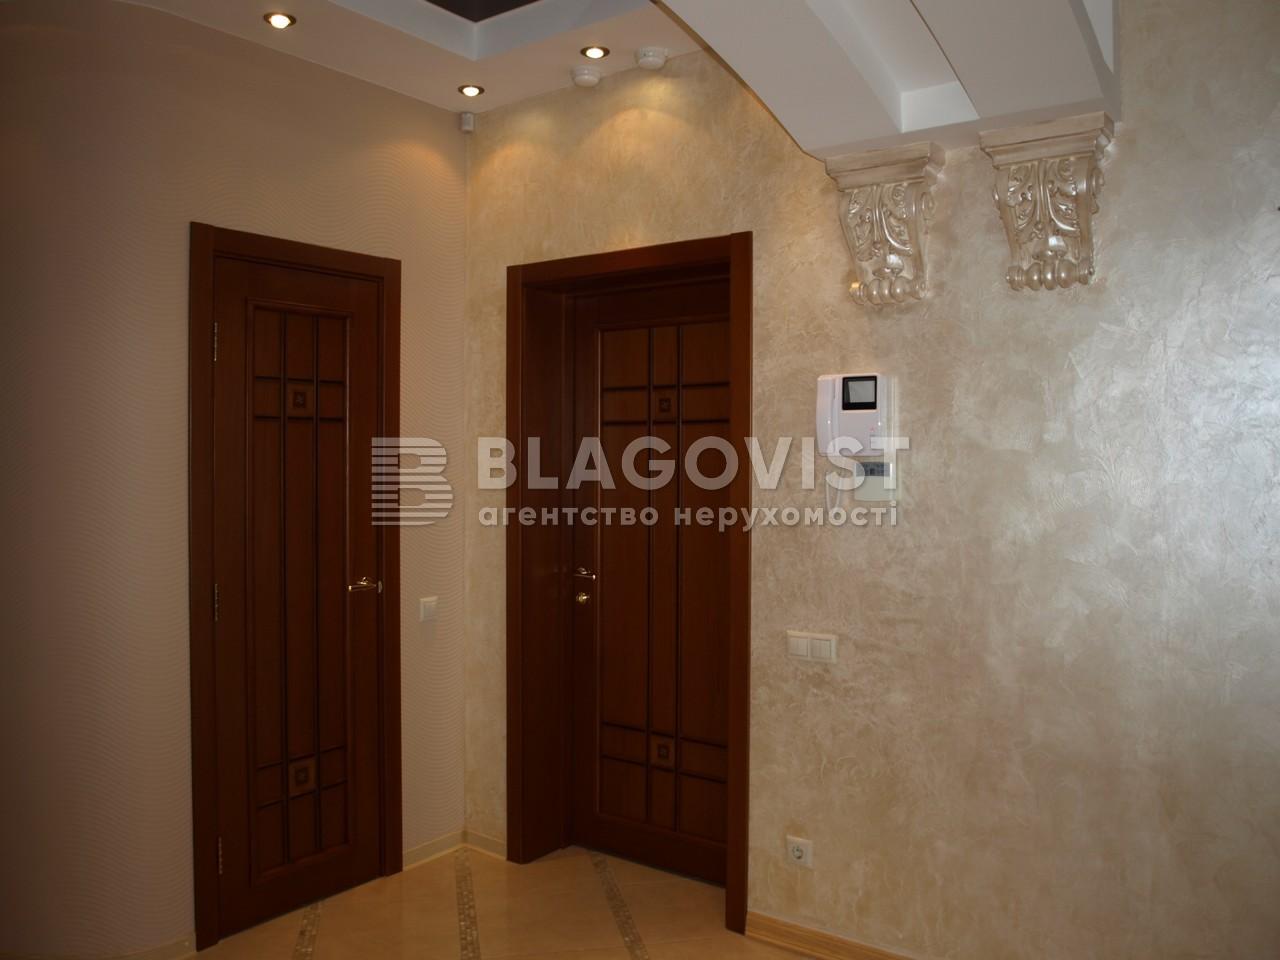 Квартира D-28748, Панаса Мирного, 17, Киев - Фото 22